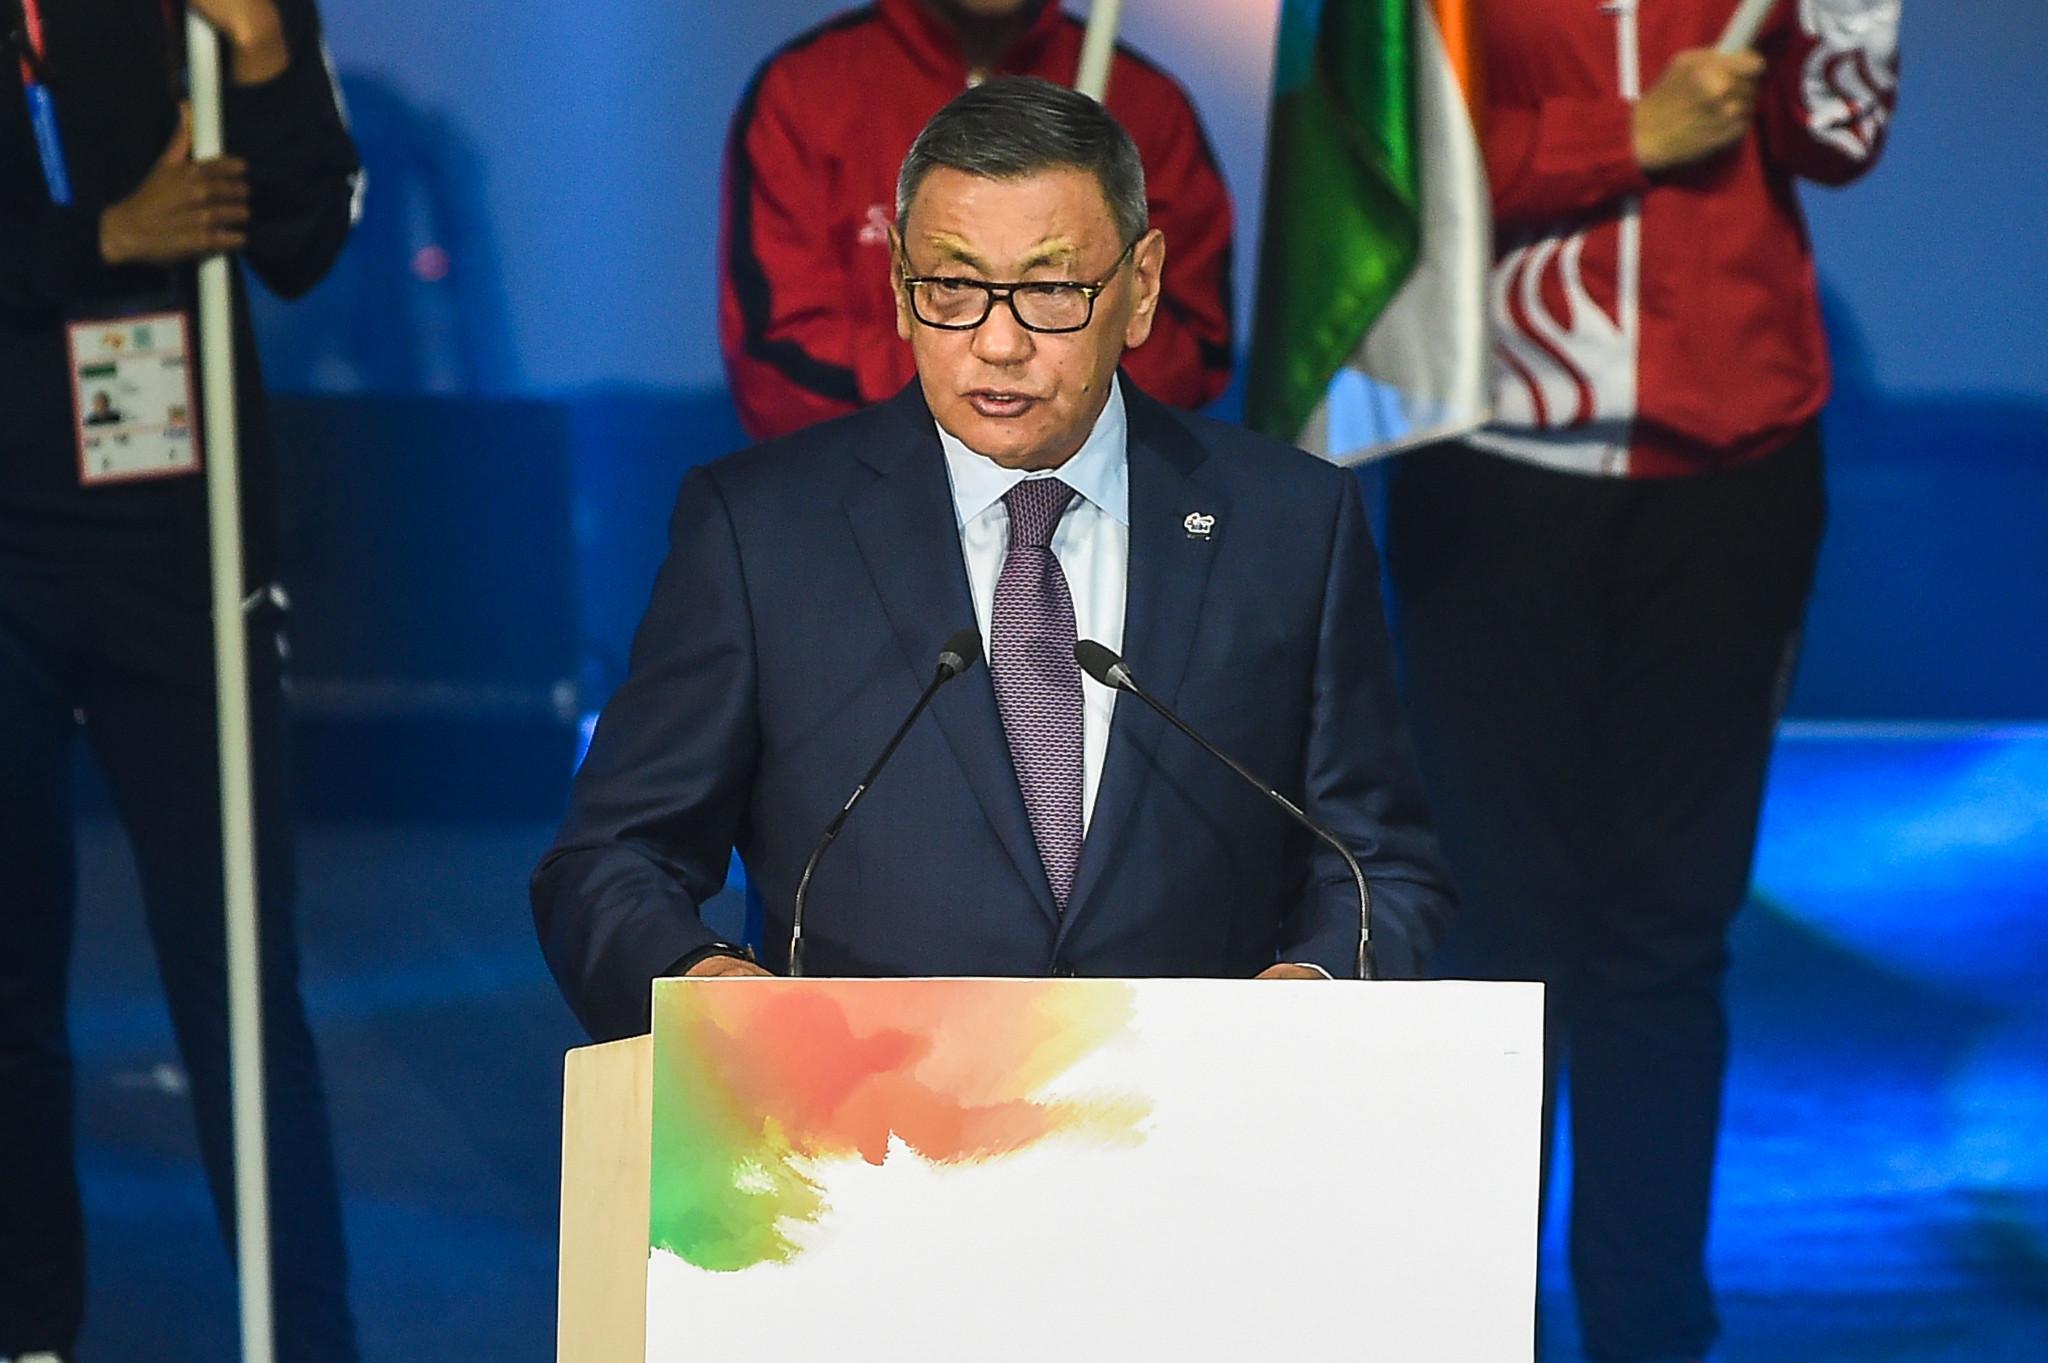 AIBA President Gafur Rahimov said the purpose of the